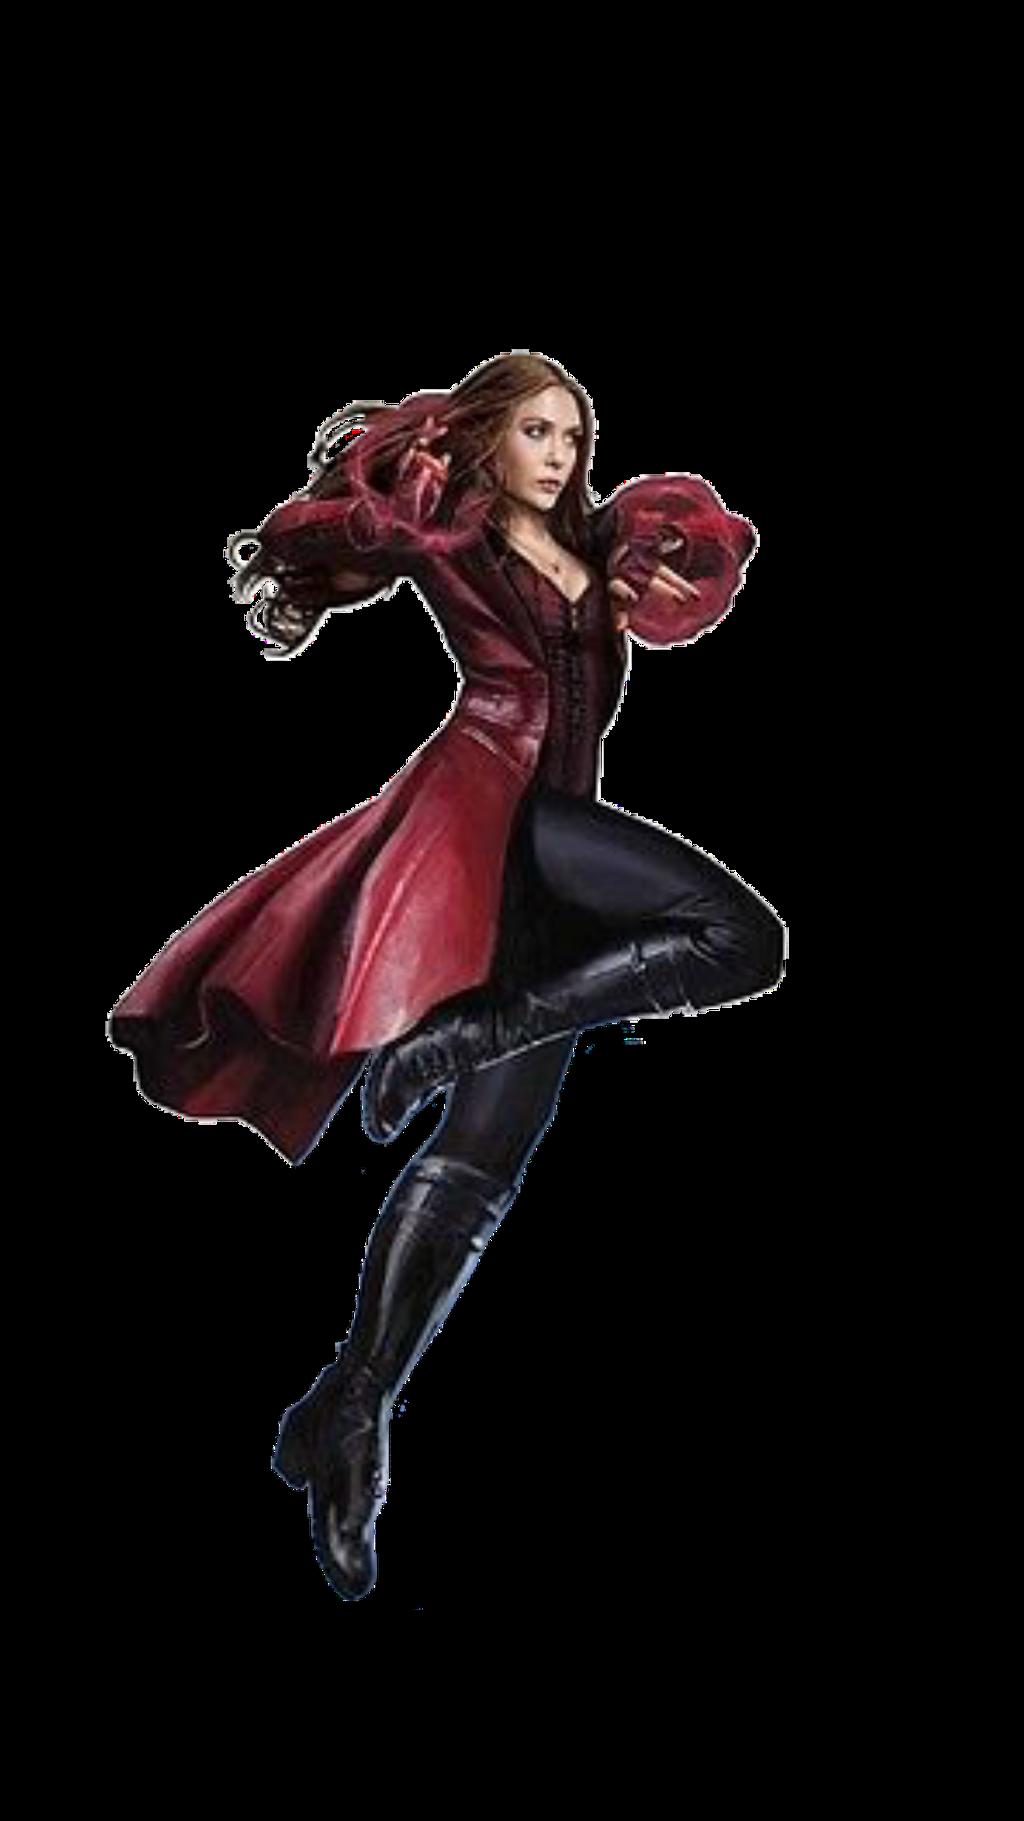 Civil War - Scarlet Witch (5) by sidewinder16 on DeviantArt